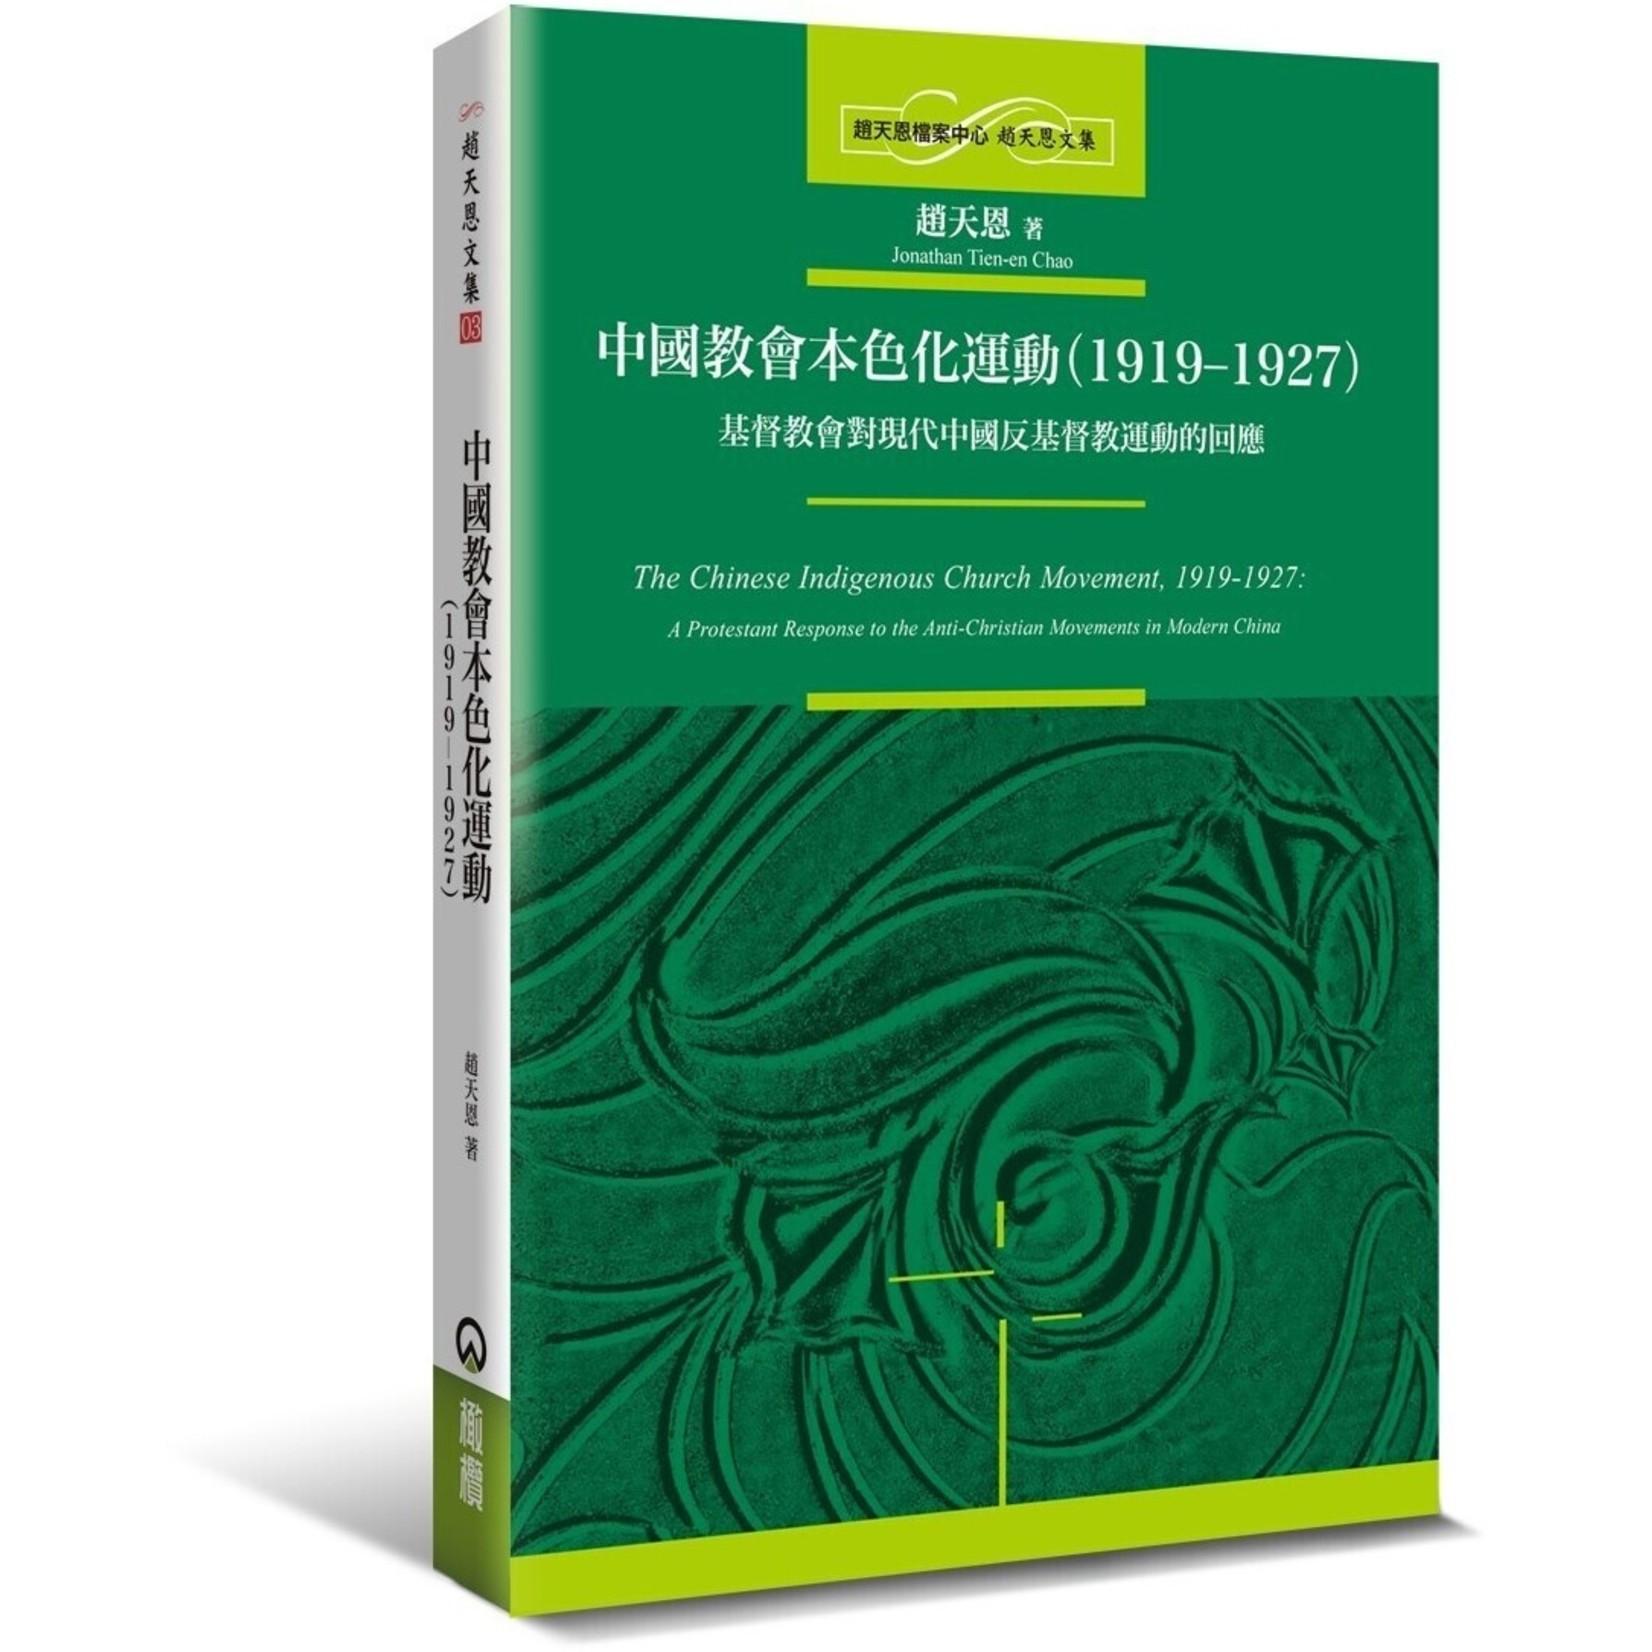 橄欖 Olive Press 中國教會本色化運動(1919-1927):基督教會對現代中國反基督教運動的回應